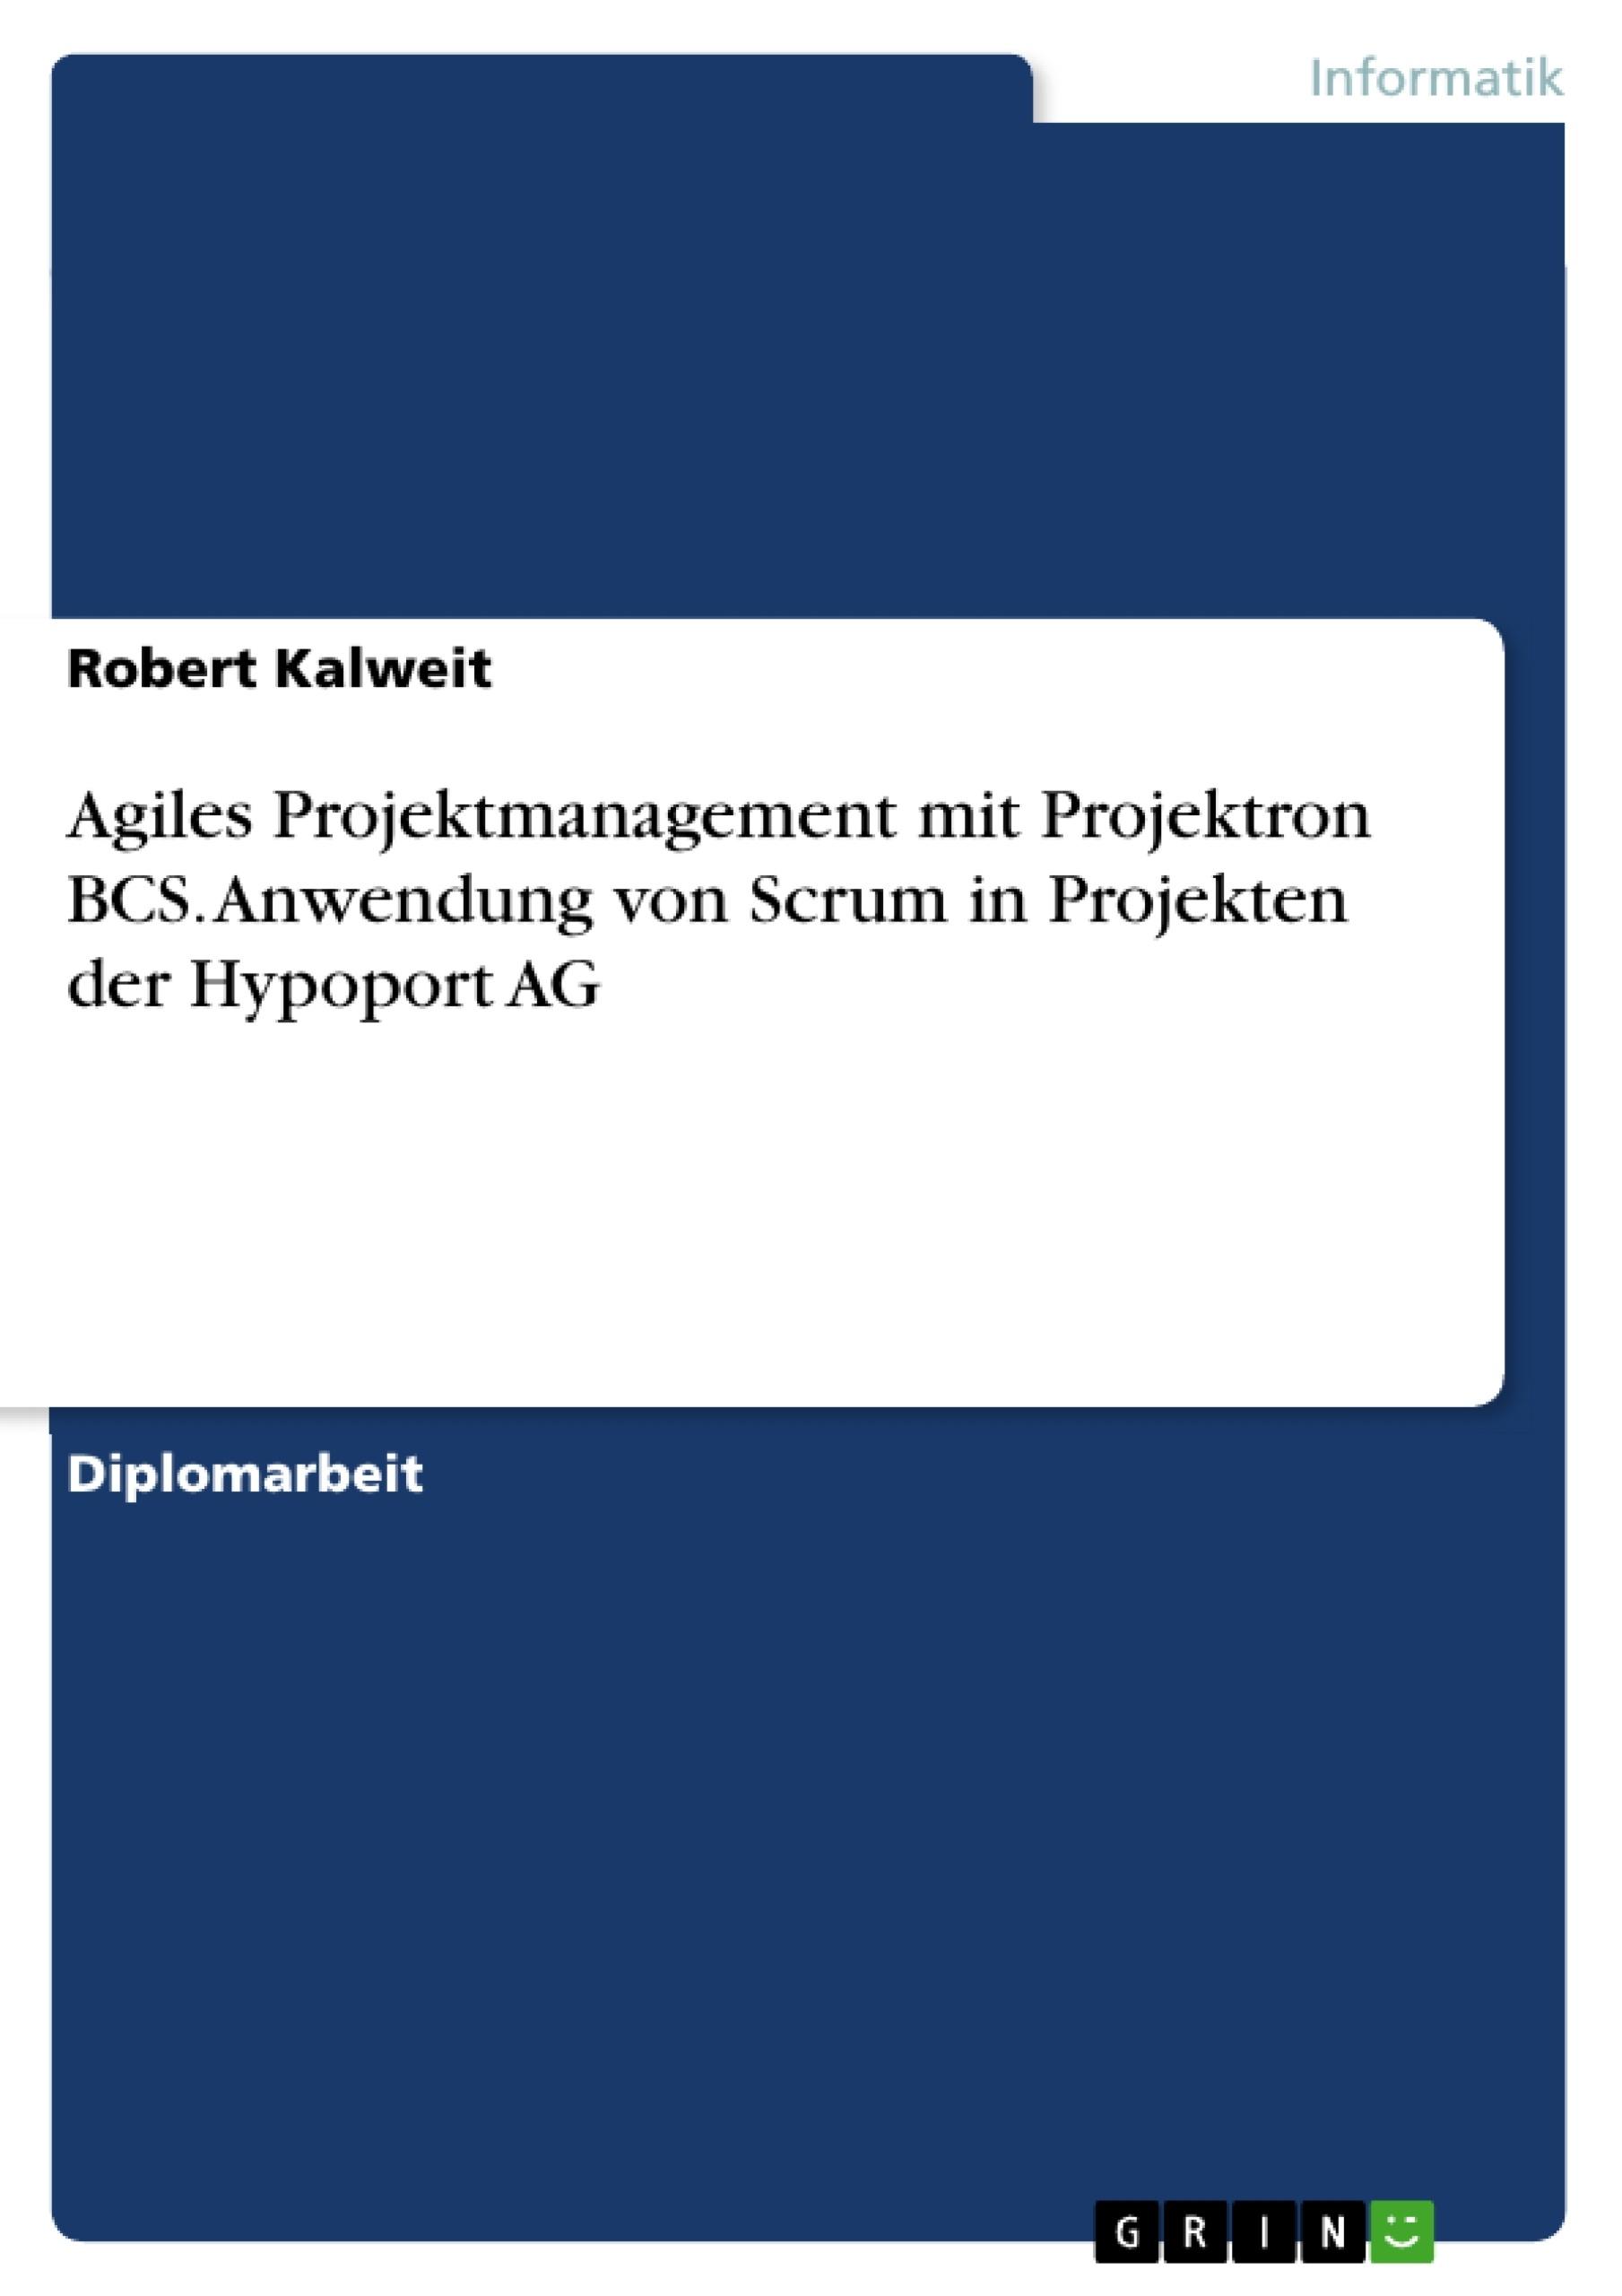 Titel: Agiles Projektmanagement mit Projektron BCS. Anwendung von Scrum in Projekten der Hypoport AG